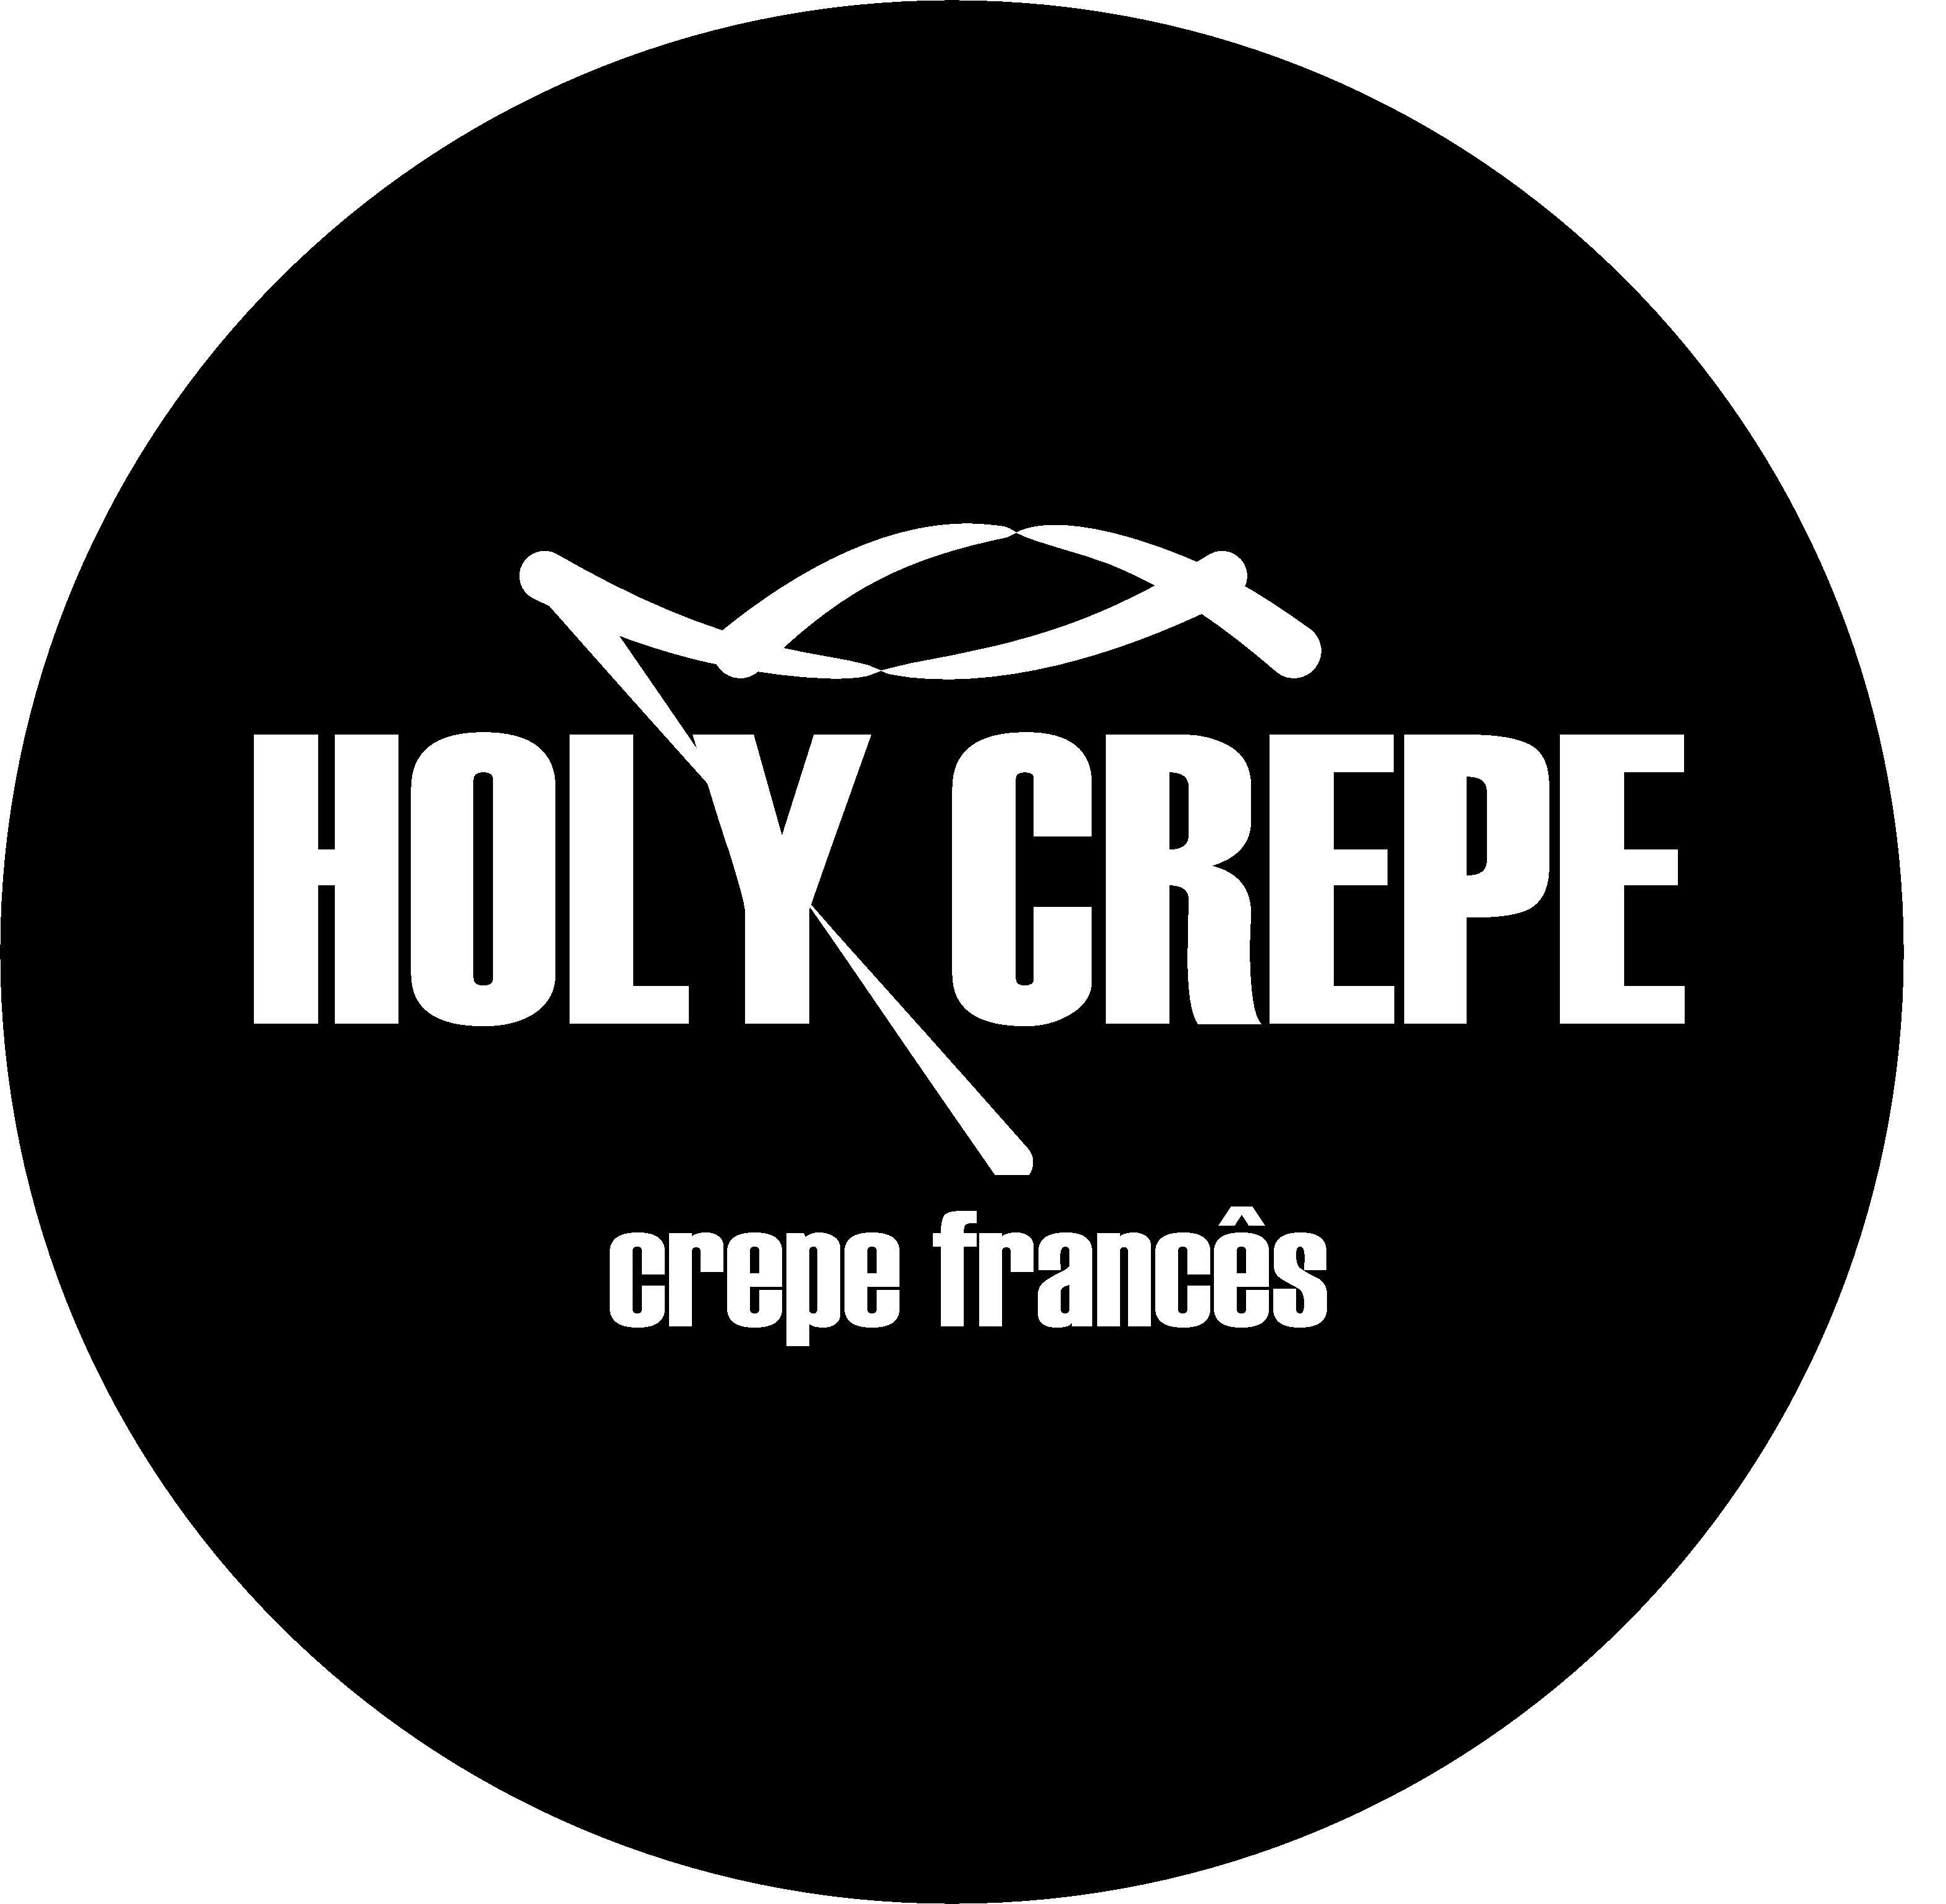 Arte_holy_crepe_preto